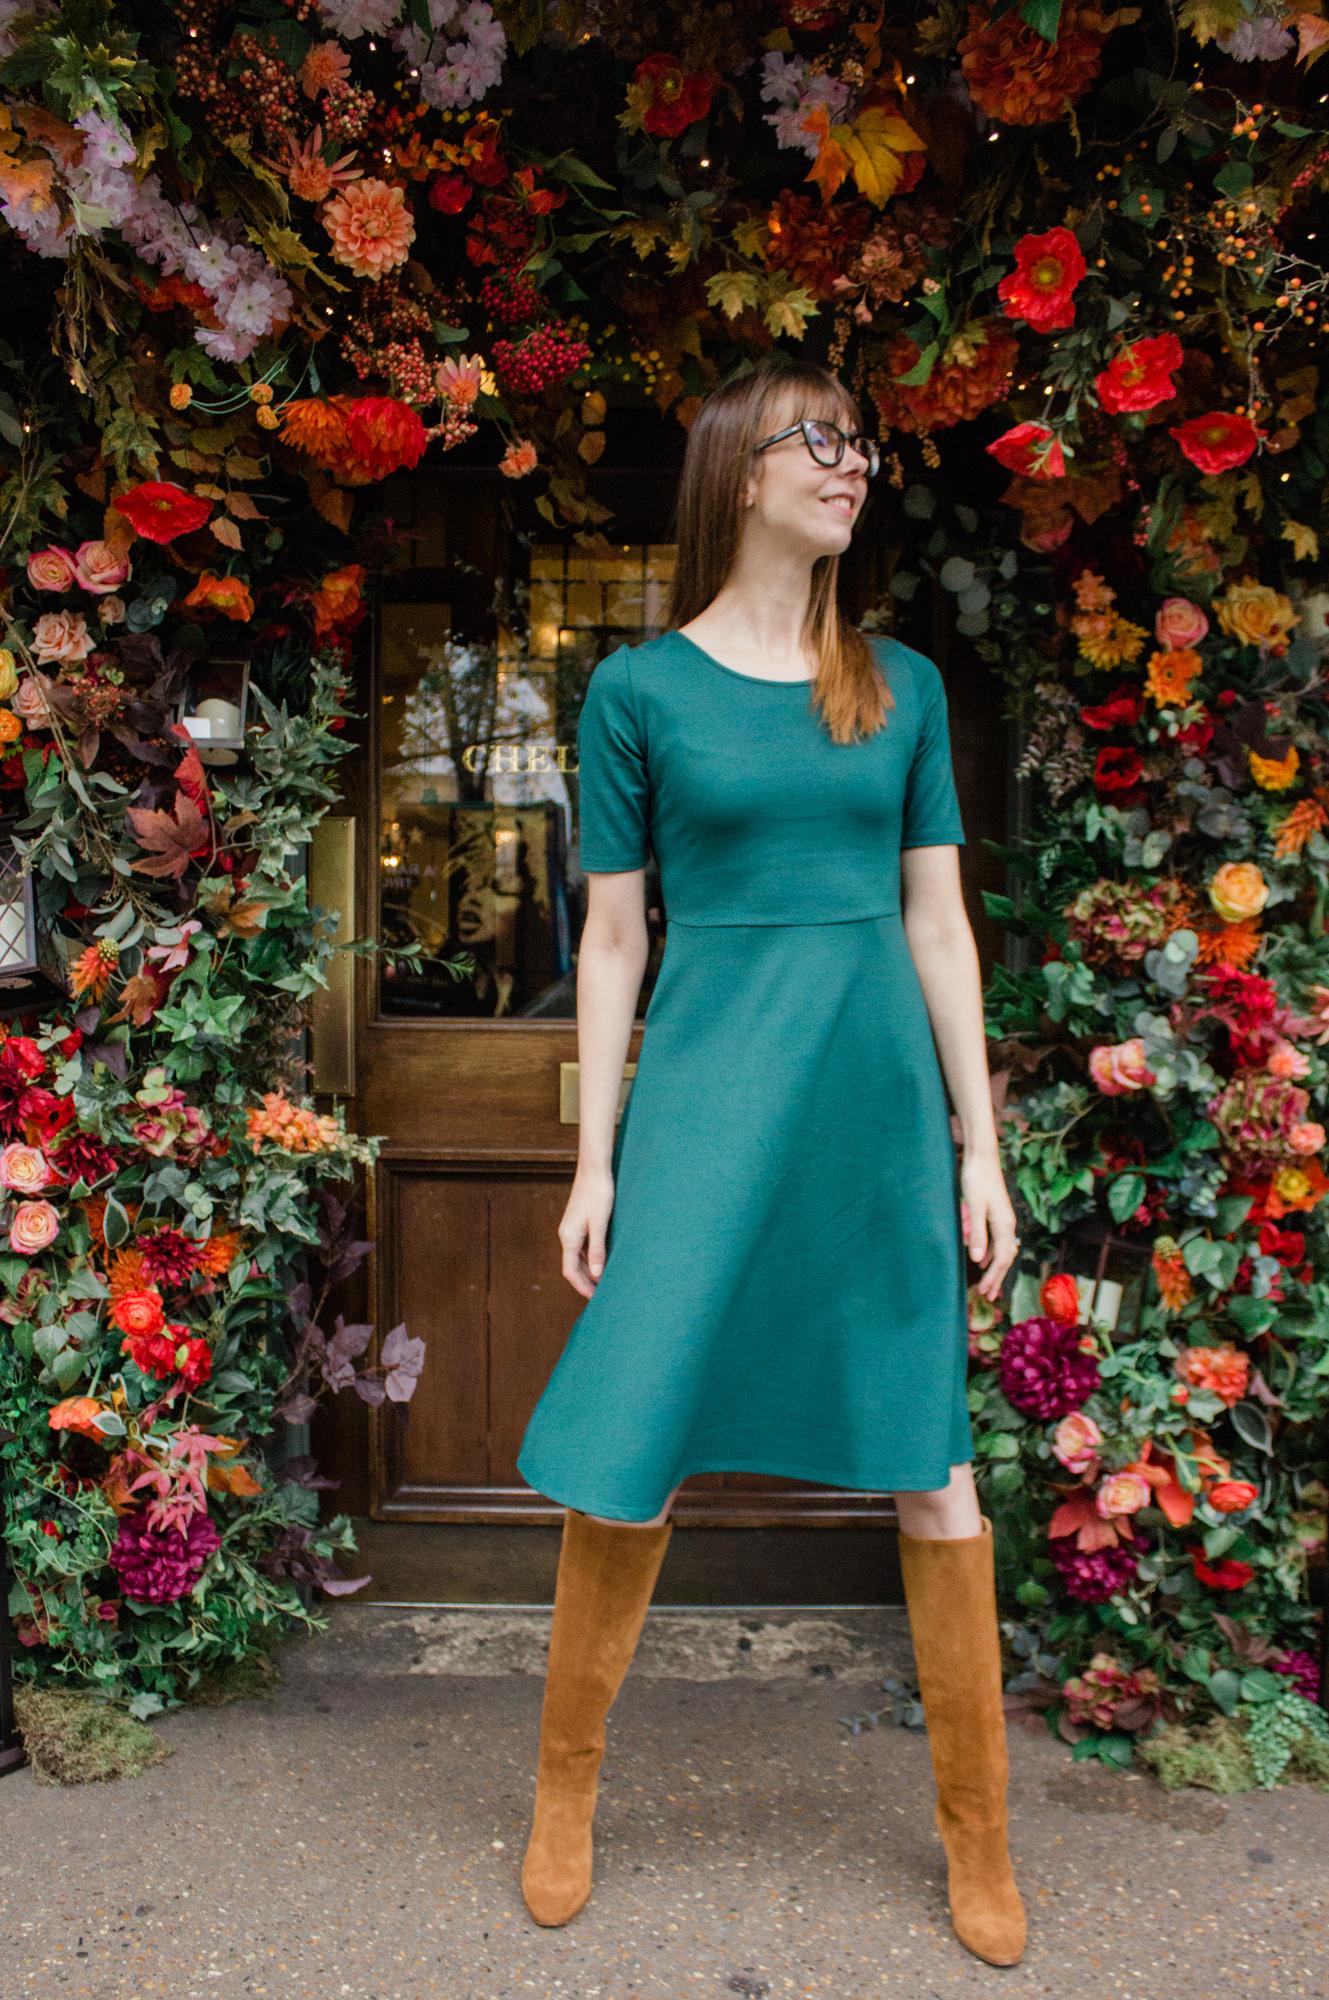 Virginia Dare Dress Co Sundays and Somedays-4.jpg